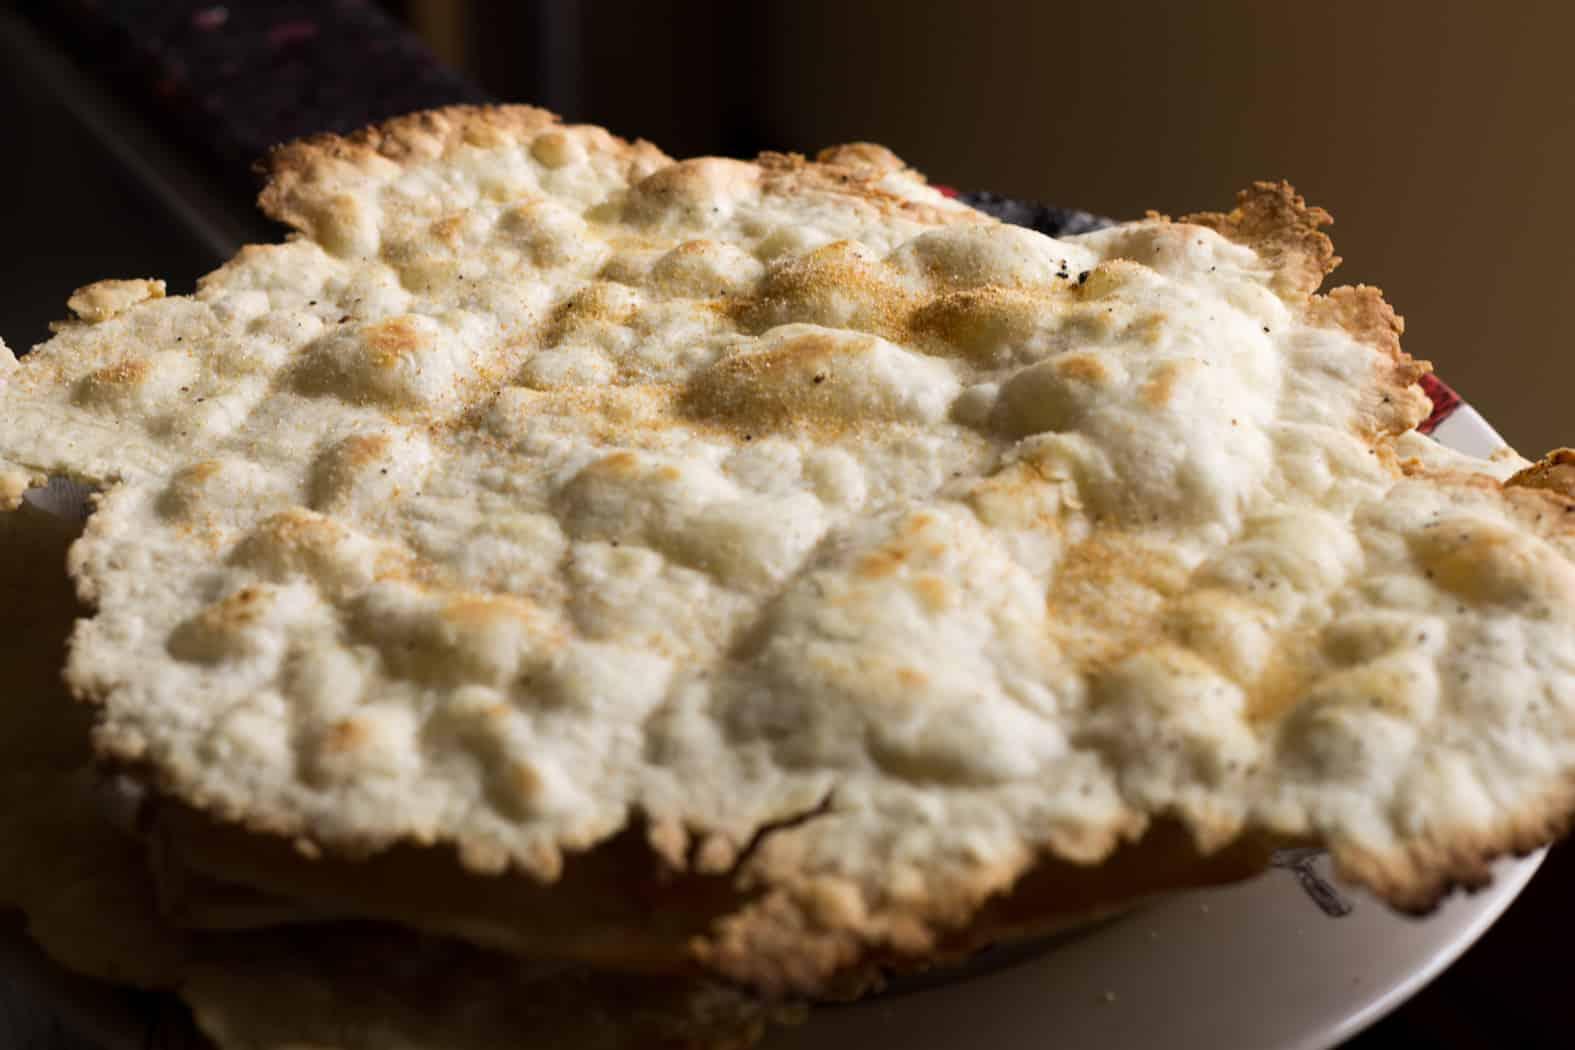 Homemade matzo cracker